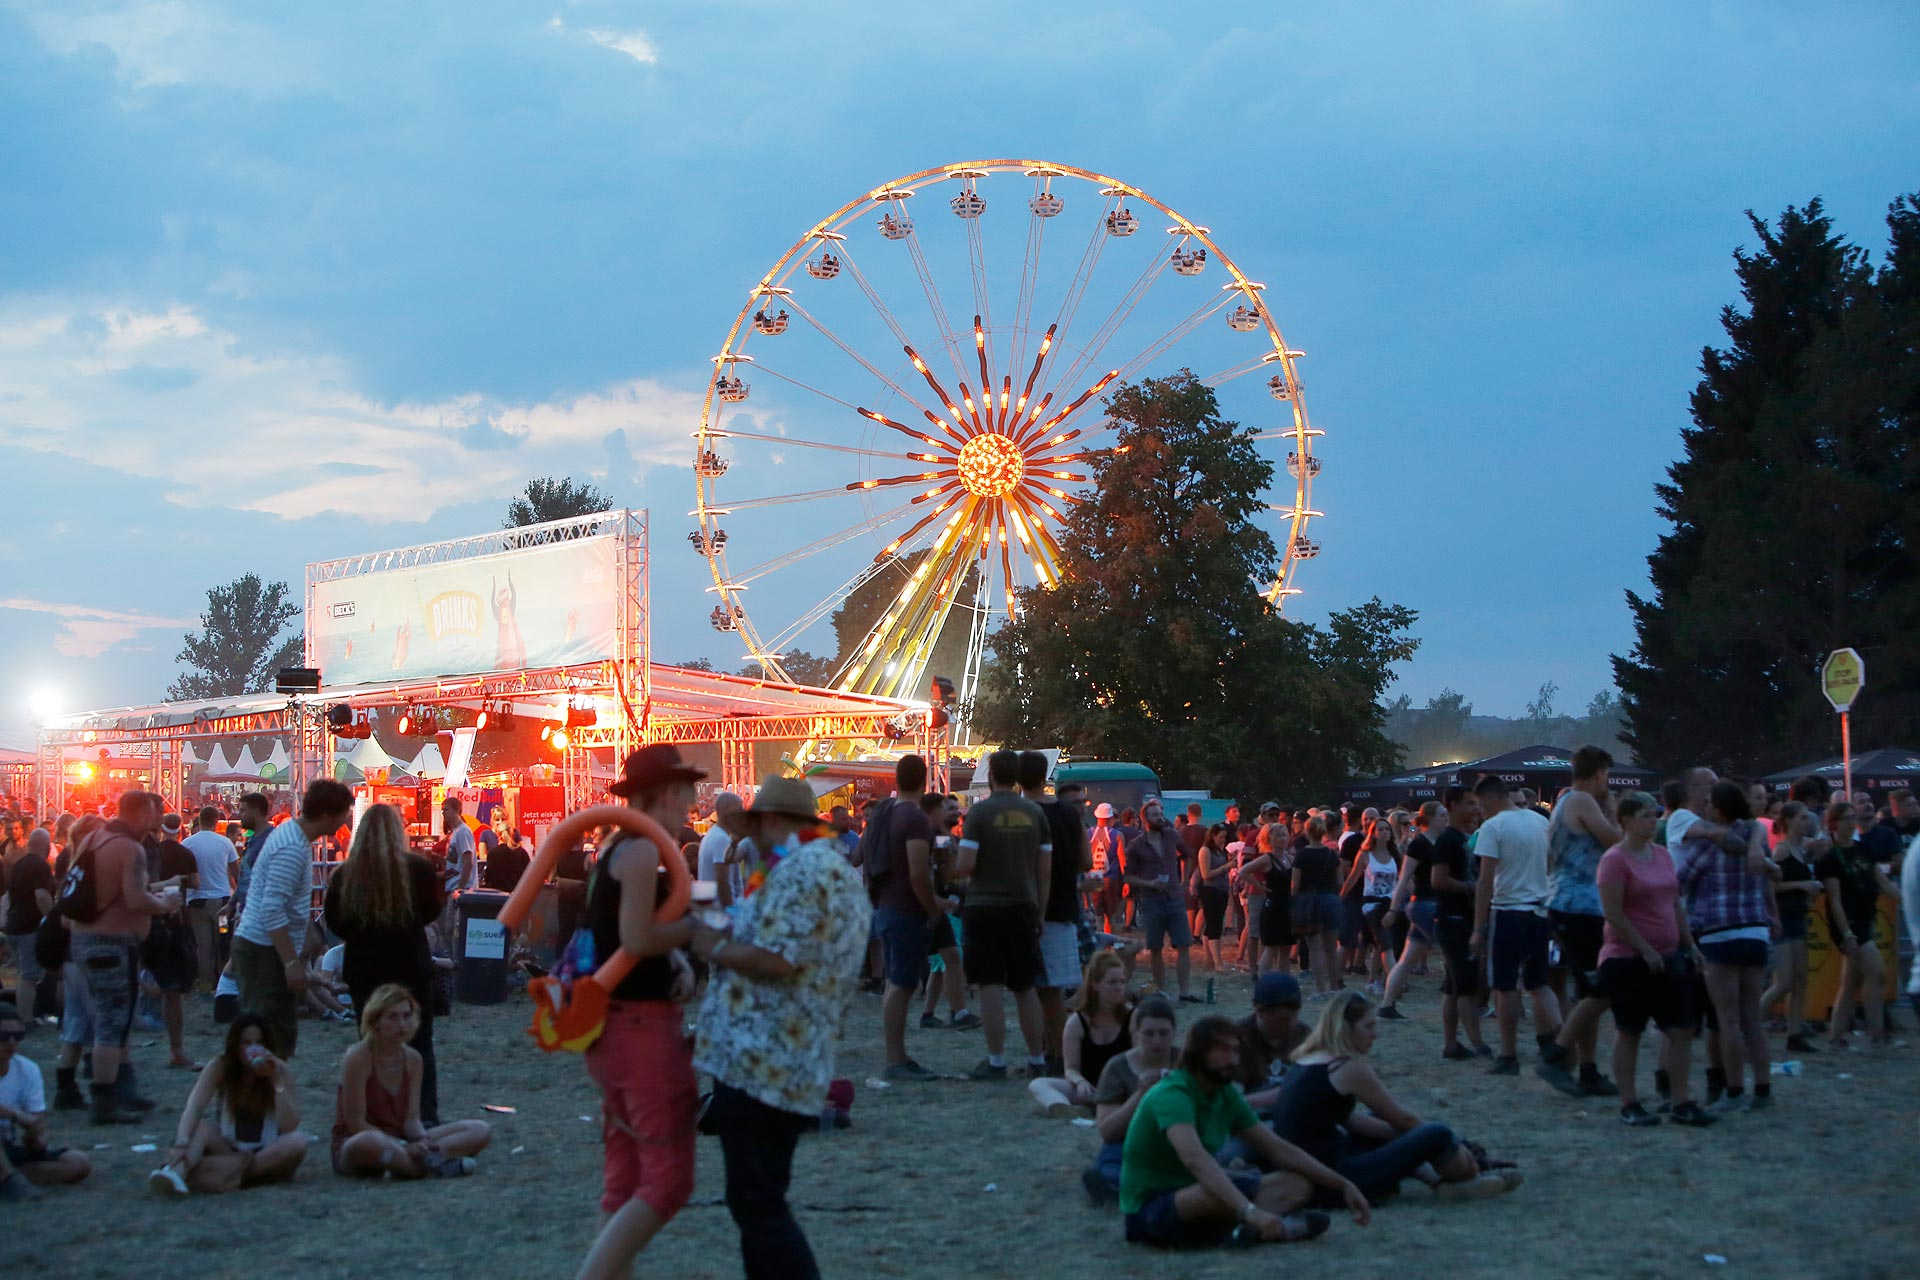 Blick von oben: Vom Riesenrad aus kann man das ganze Festivalgelände überblicken..